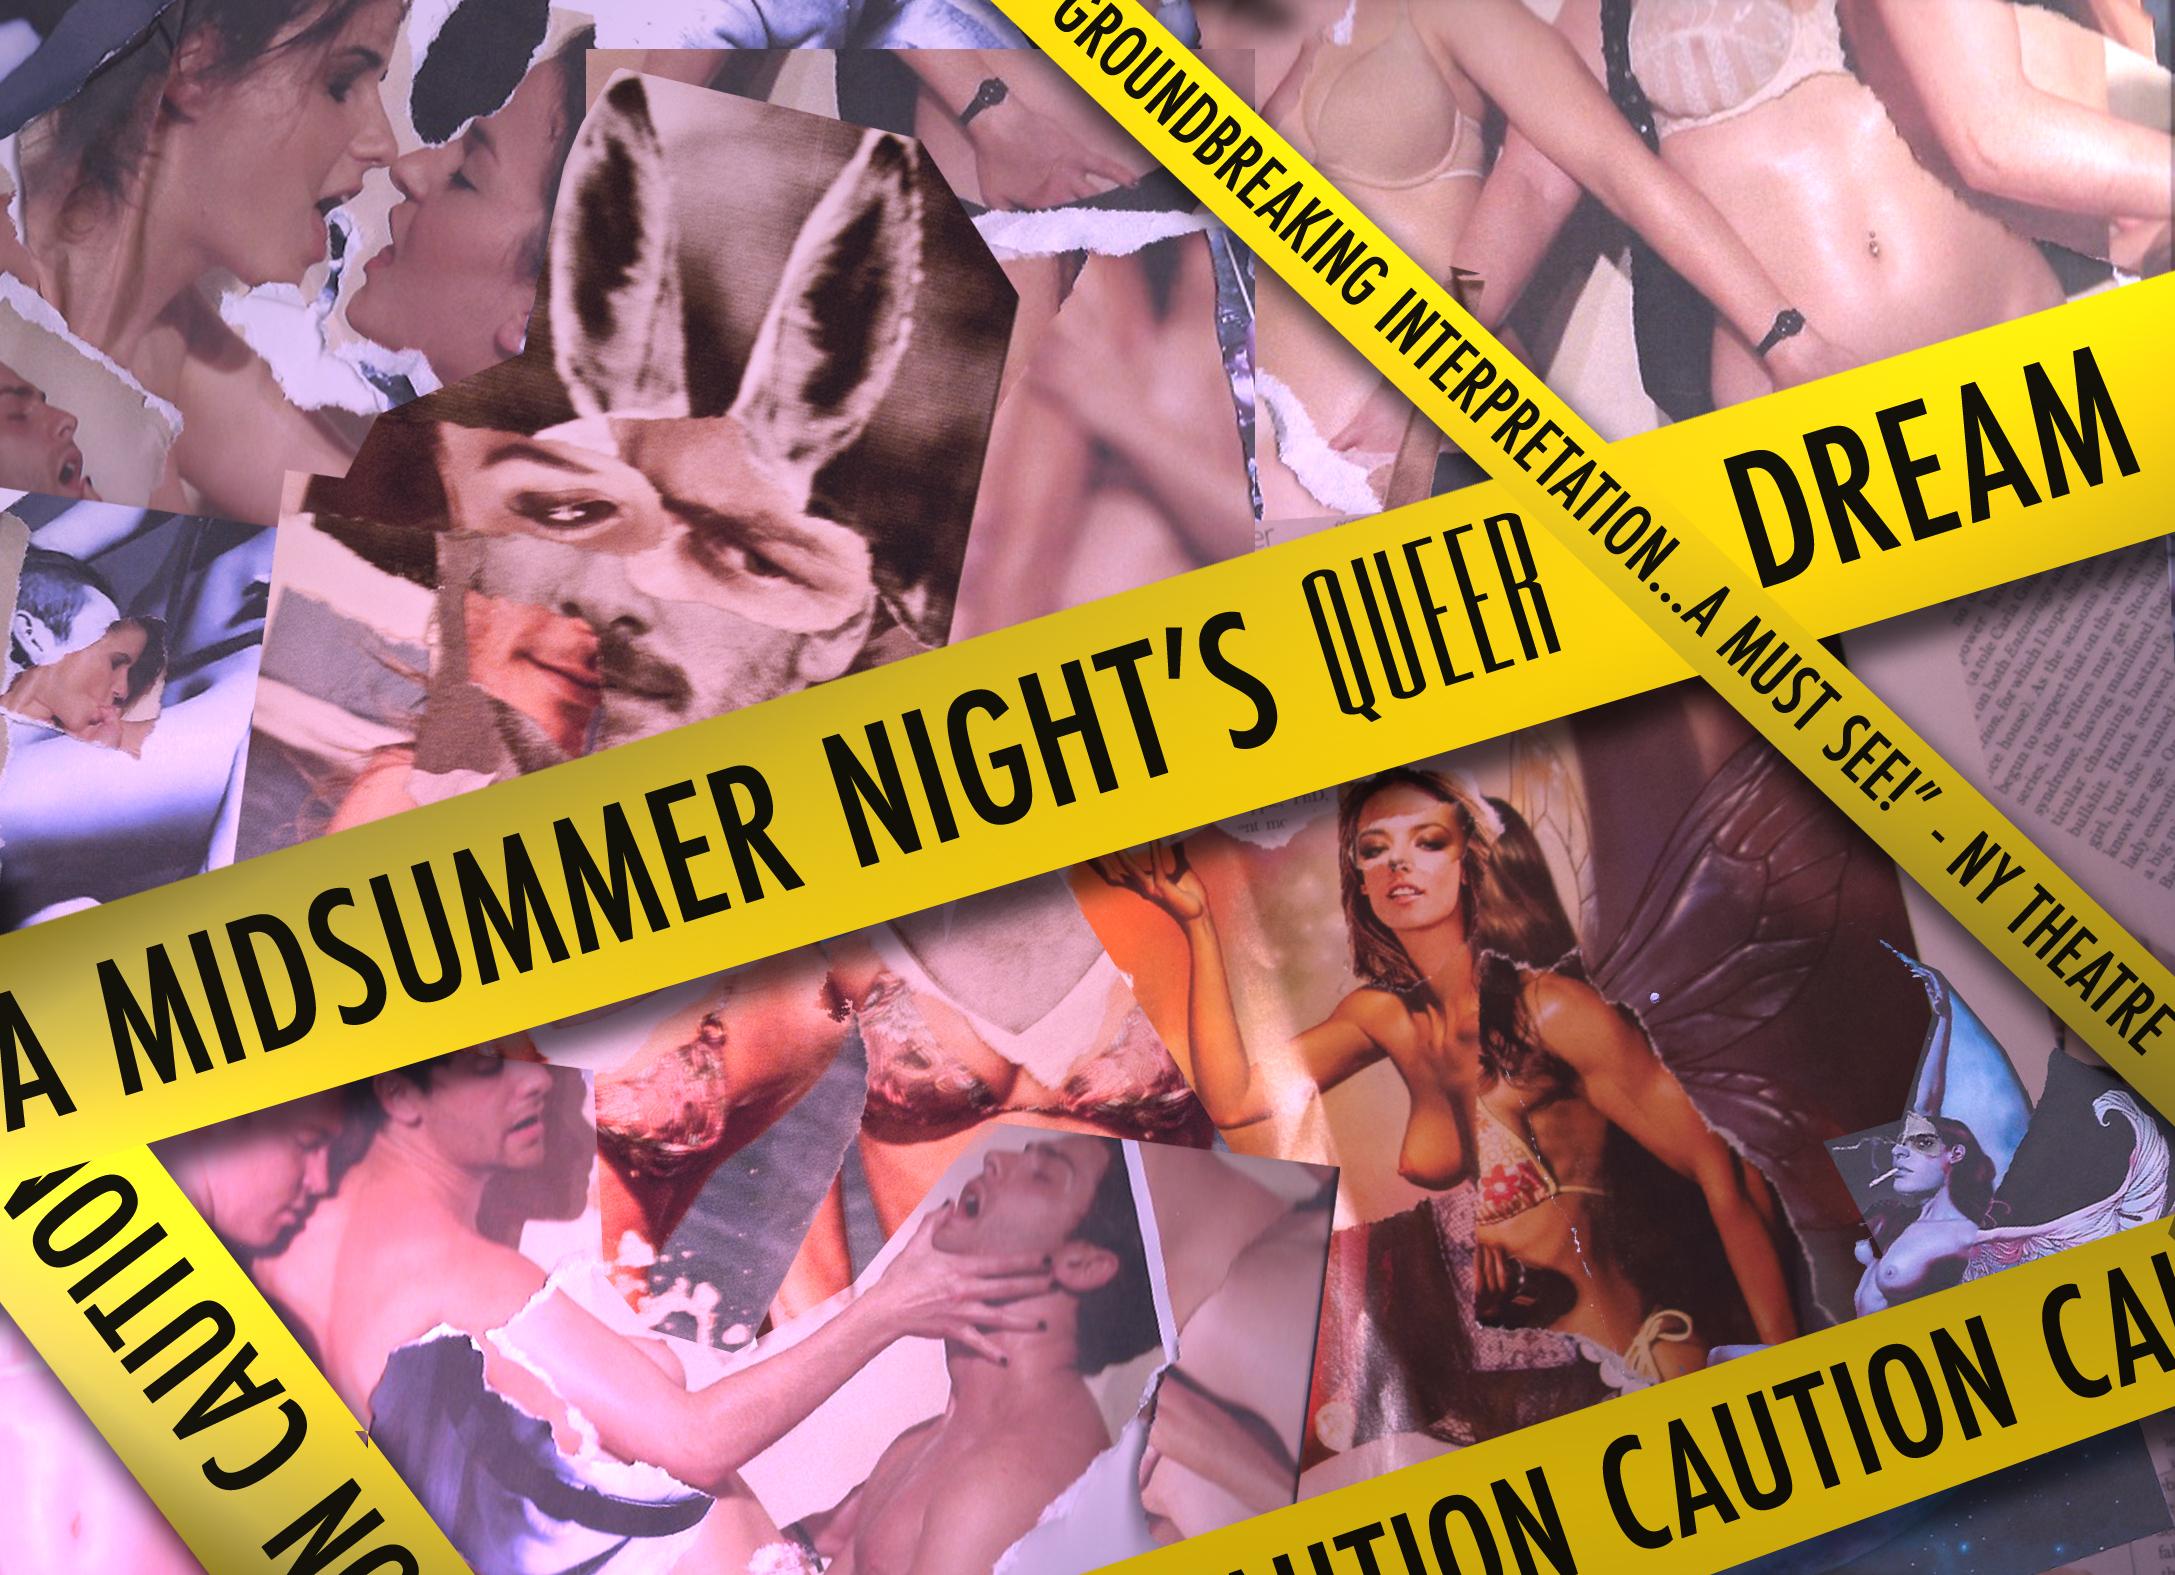 Copy of Midsummer Night's Dream